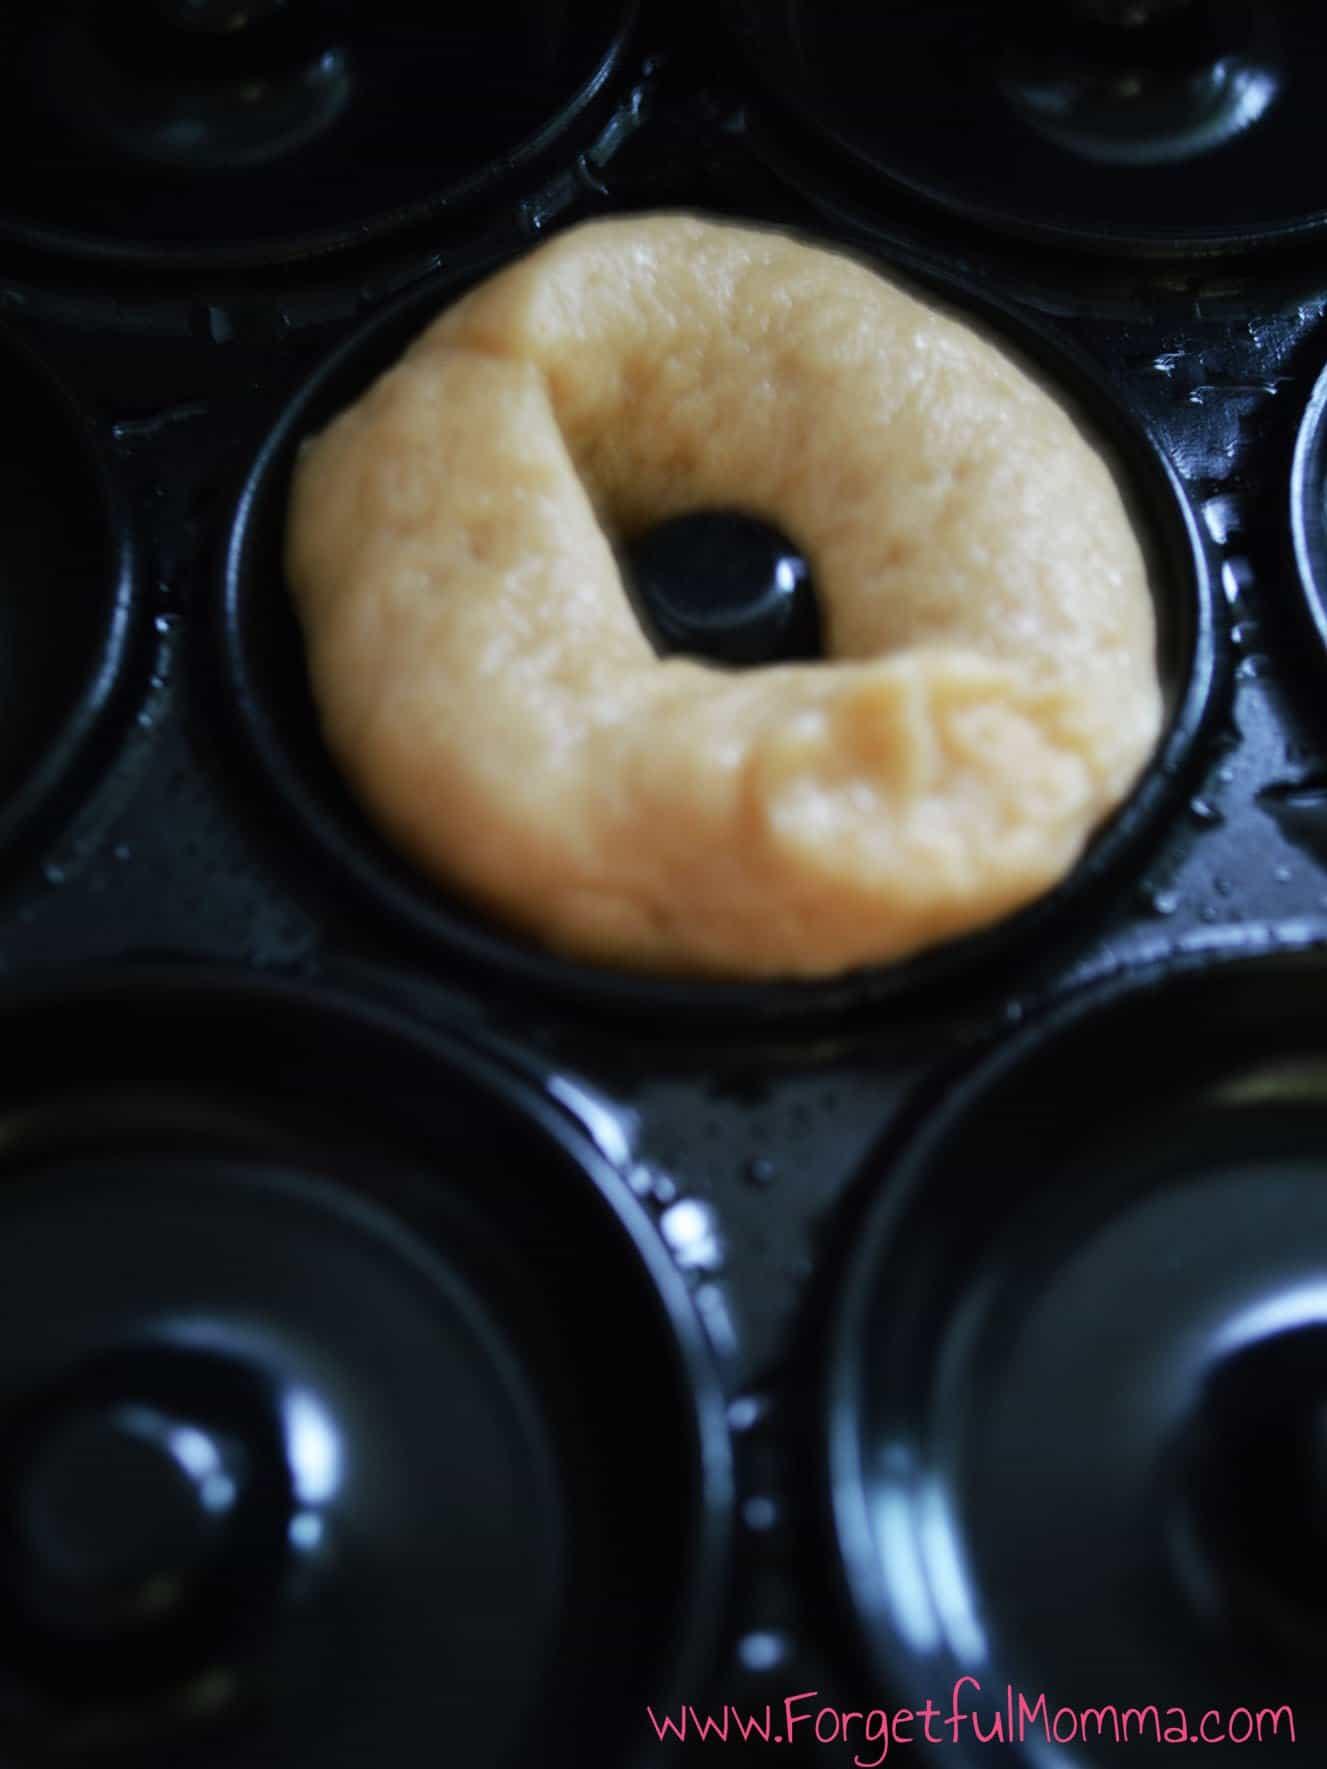 Peanut butter mini donut